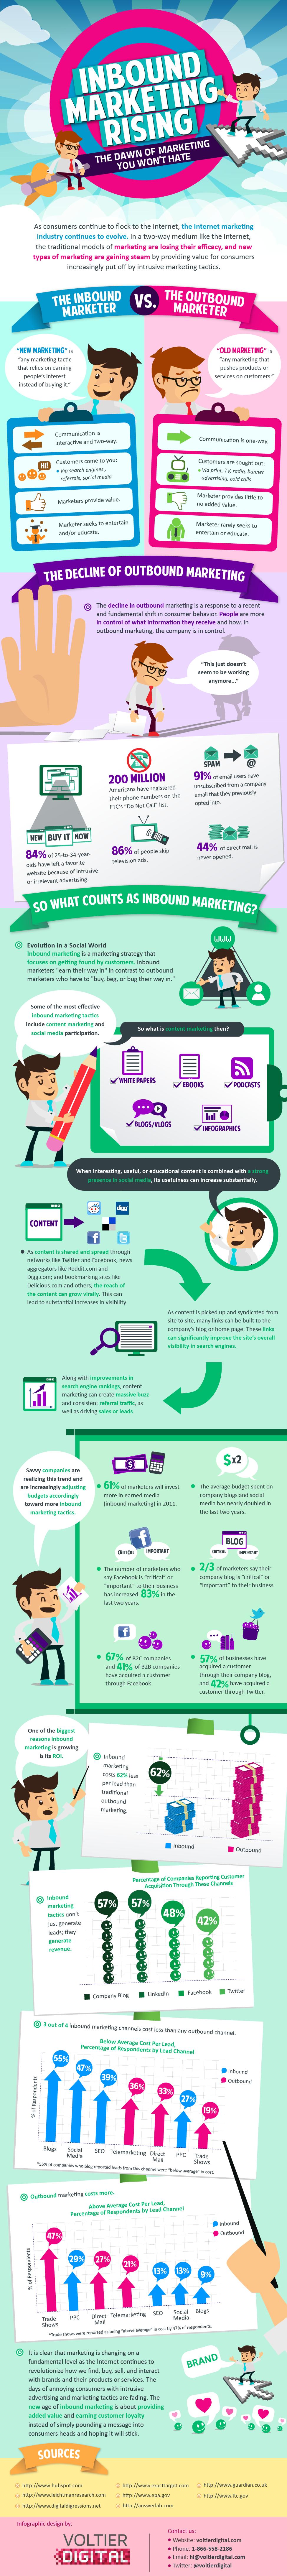 Outbound vs Inbound Marketing Infographic